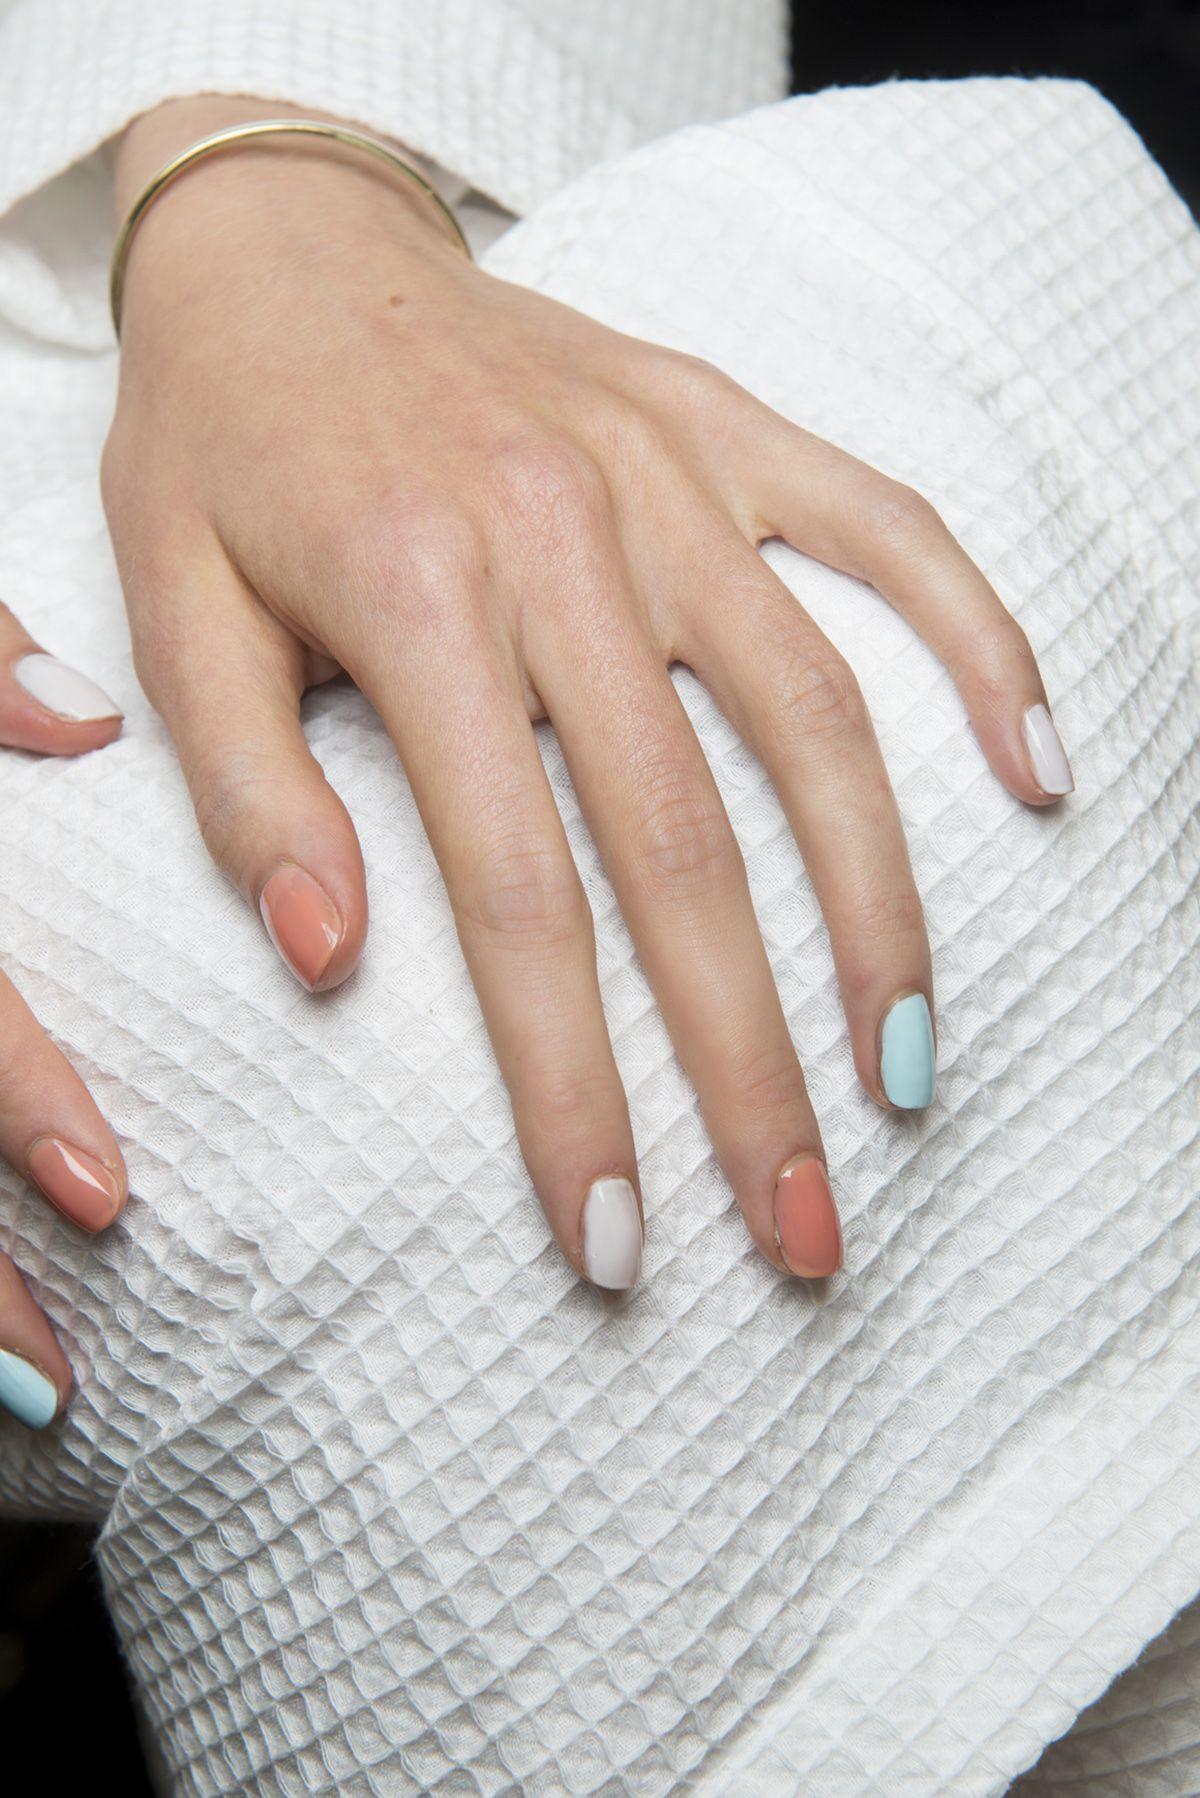 Contemporáneo Essie Color De Las Uñas De Tiro Seguro Polaco Modelo ...